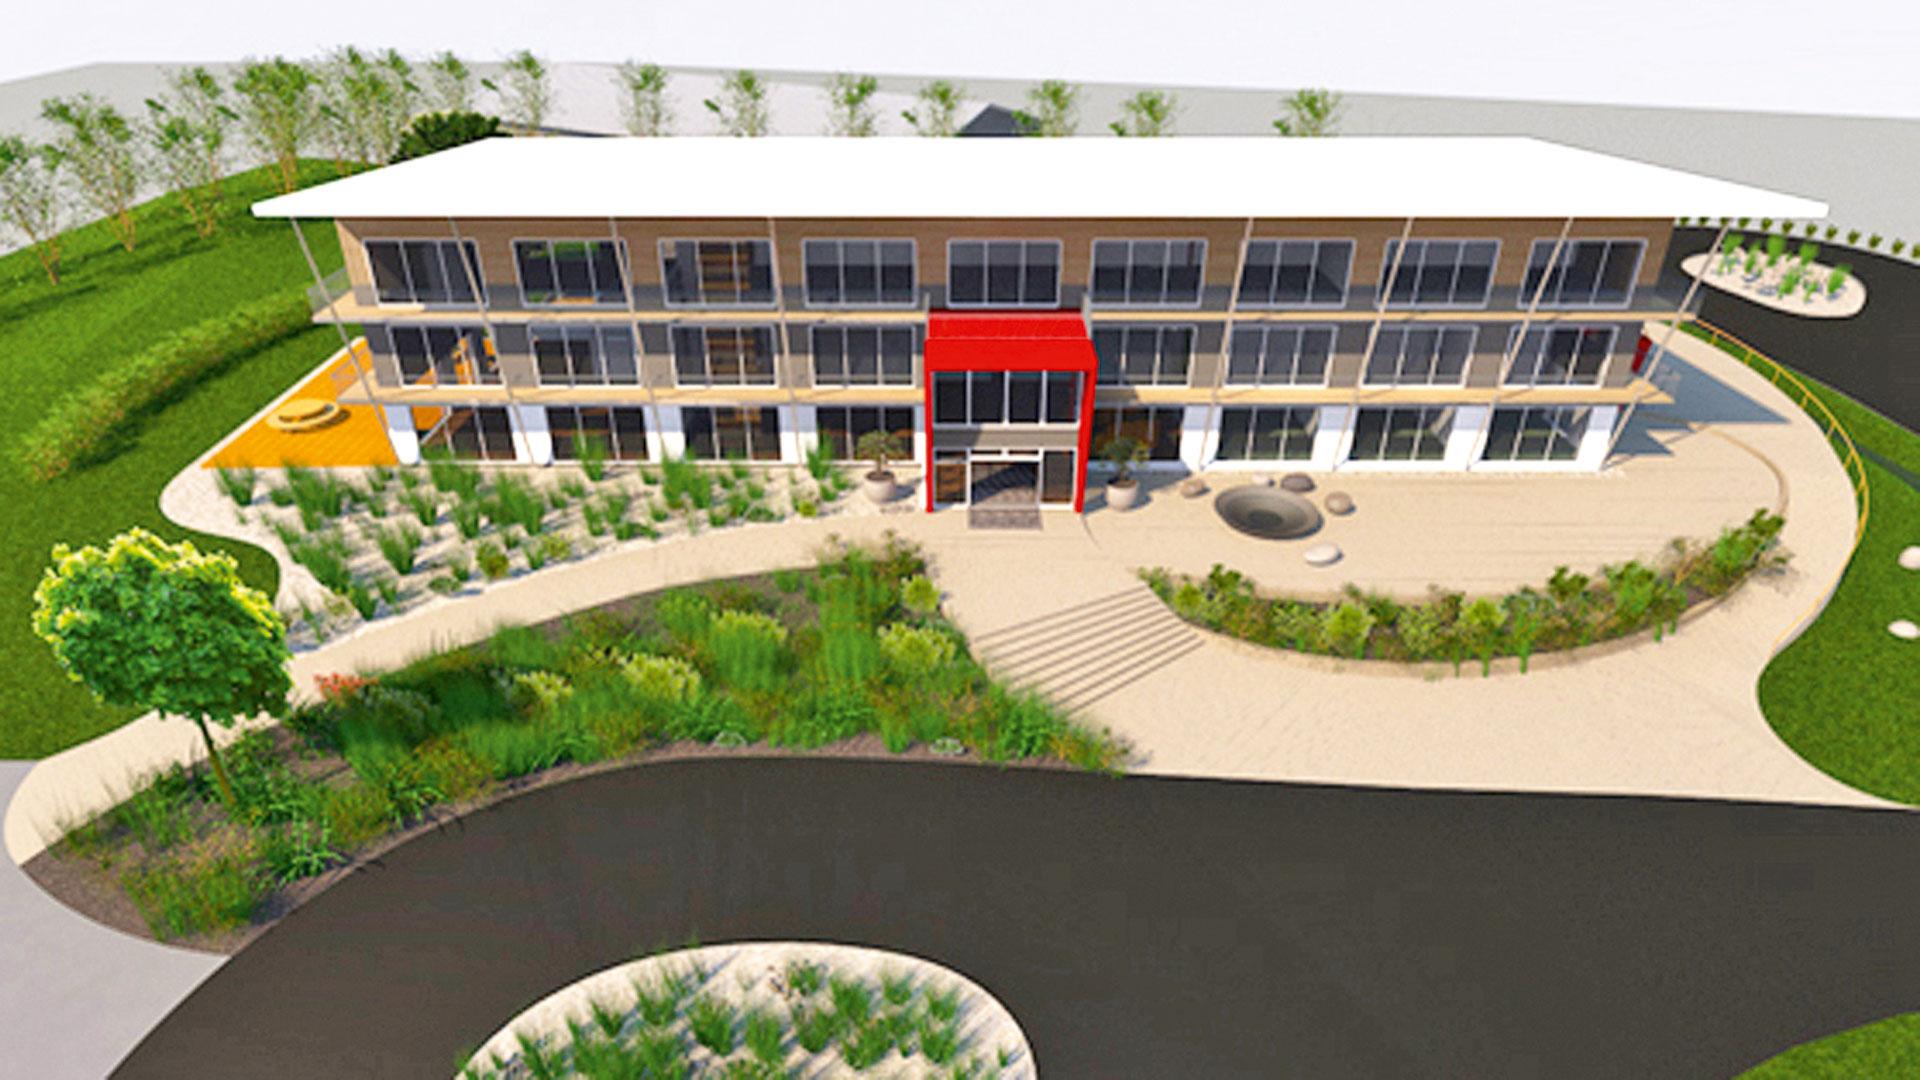 3D-Modell mit Außenansicht des Firmengebäudes und Feng Shui Gartengestaltung geplant durch das Architekturbüro atelier8 in Frankfurt